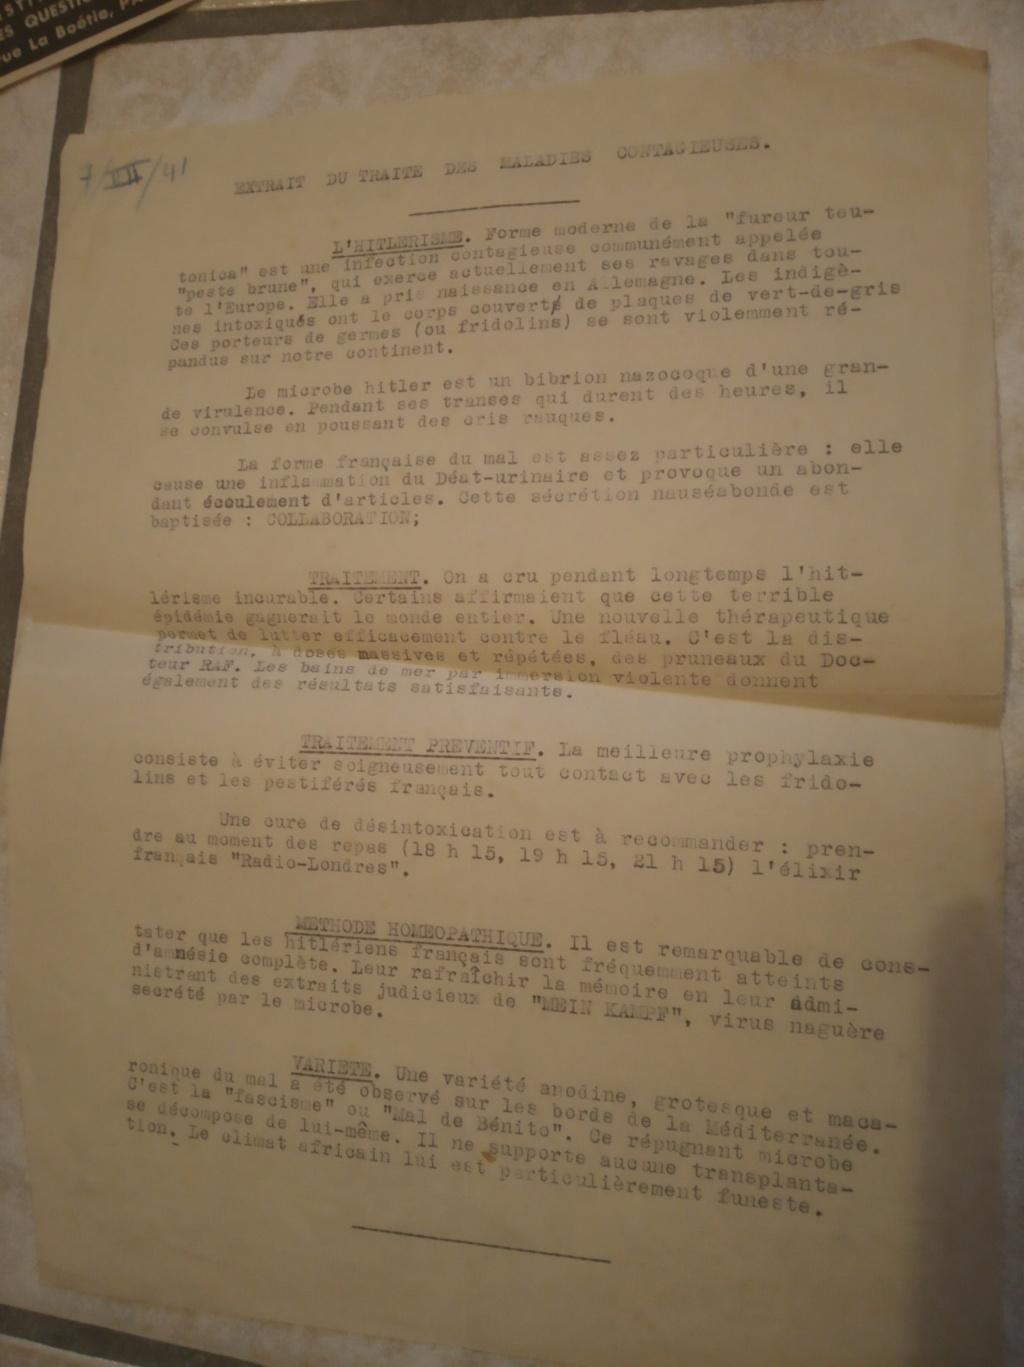 Un document de circonstance : l'épidémie d'hitlérisme (tract de la résistance)  Img_2256